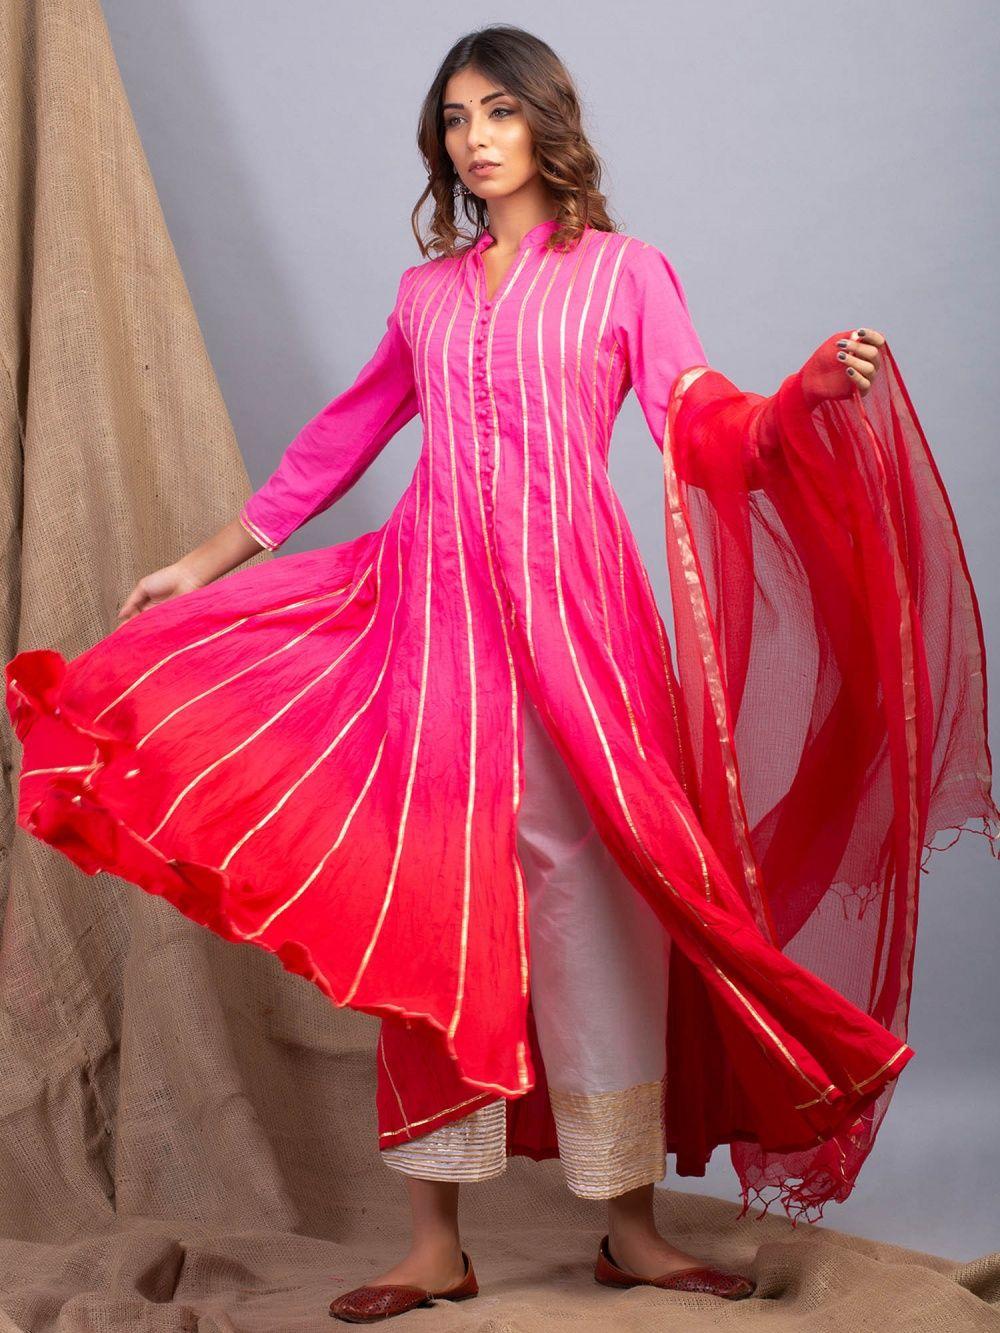 f6919ae161 Maison Shefali Salwar Suits and Sets : Buy Maison Shefali Rose ...